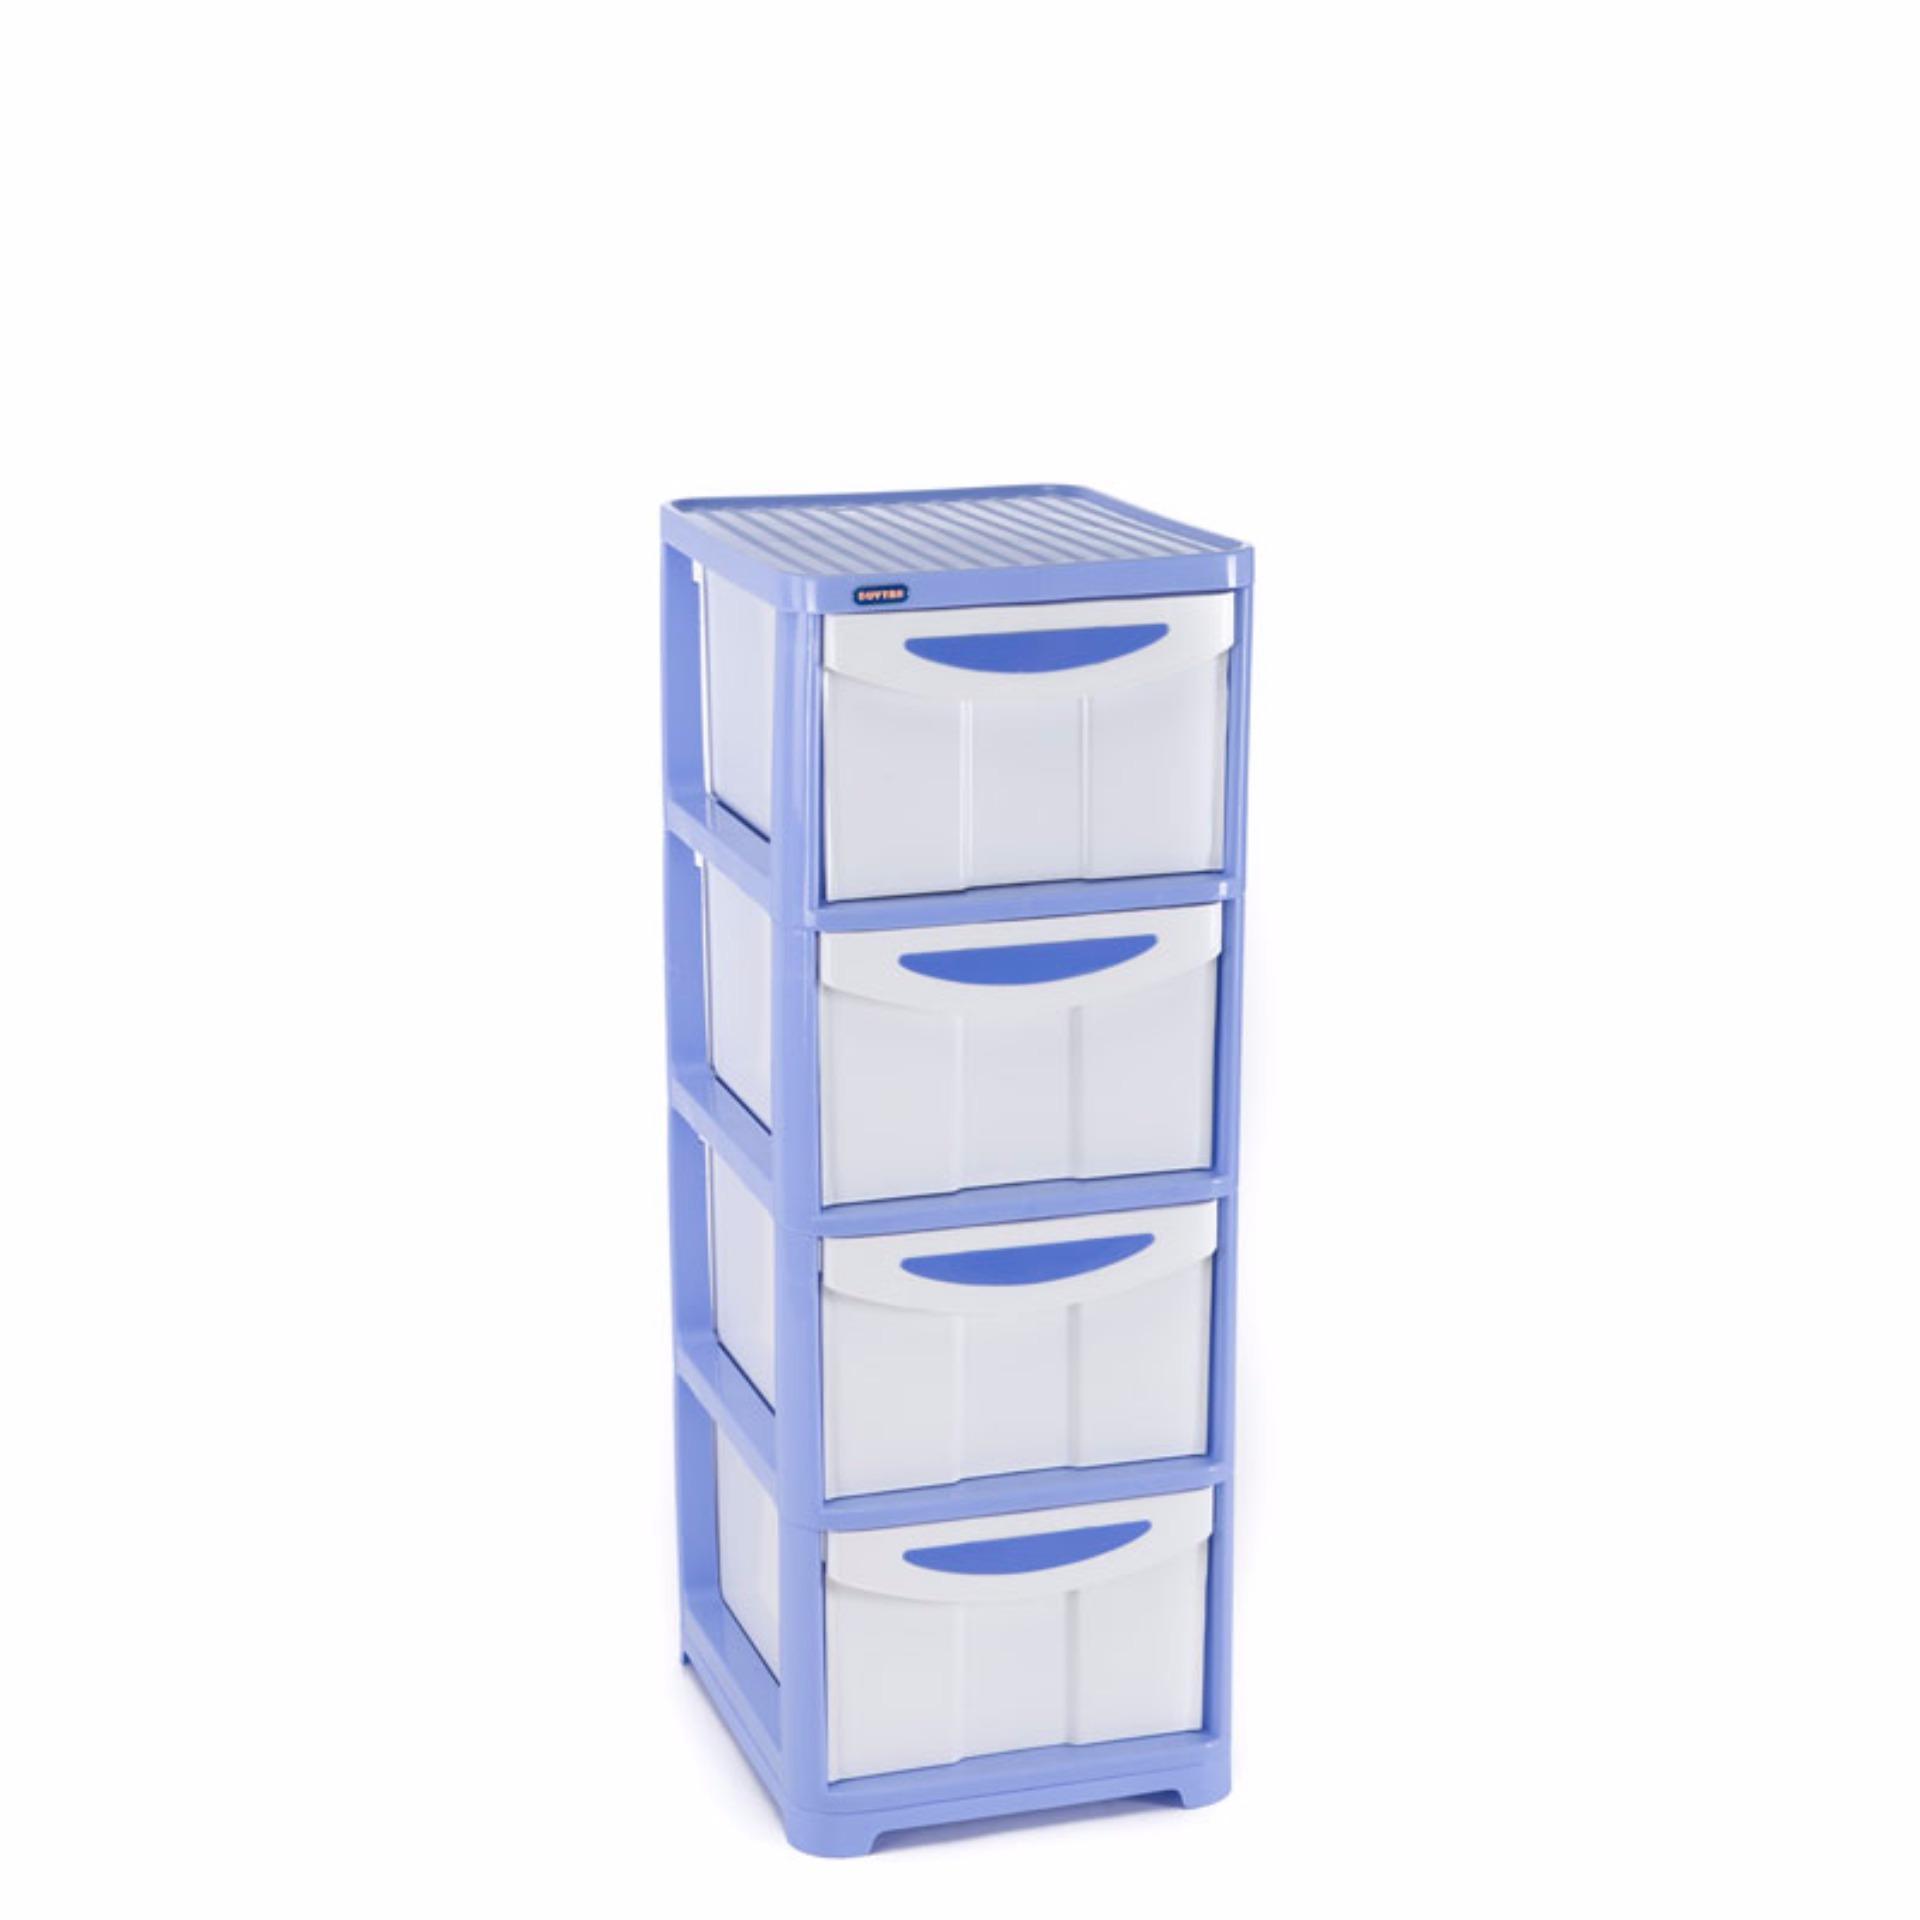 Tủ nhựa Duy Tân Lớn 4 tầng (Dương)